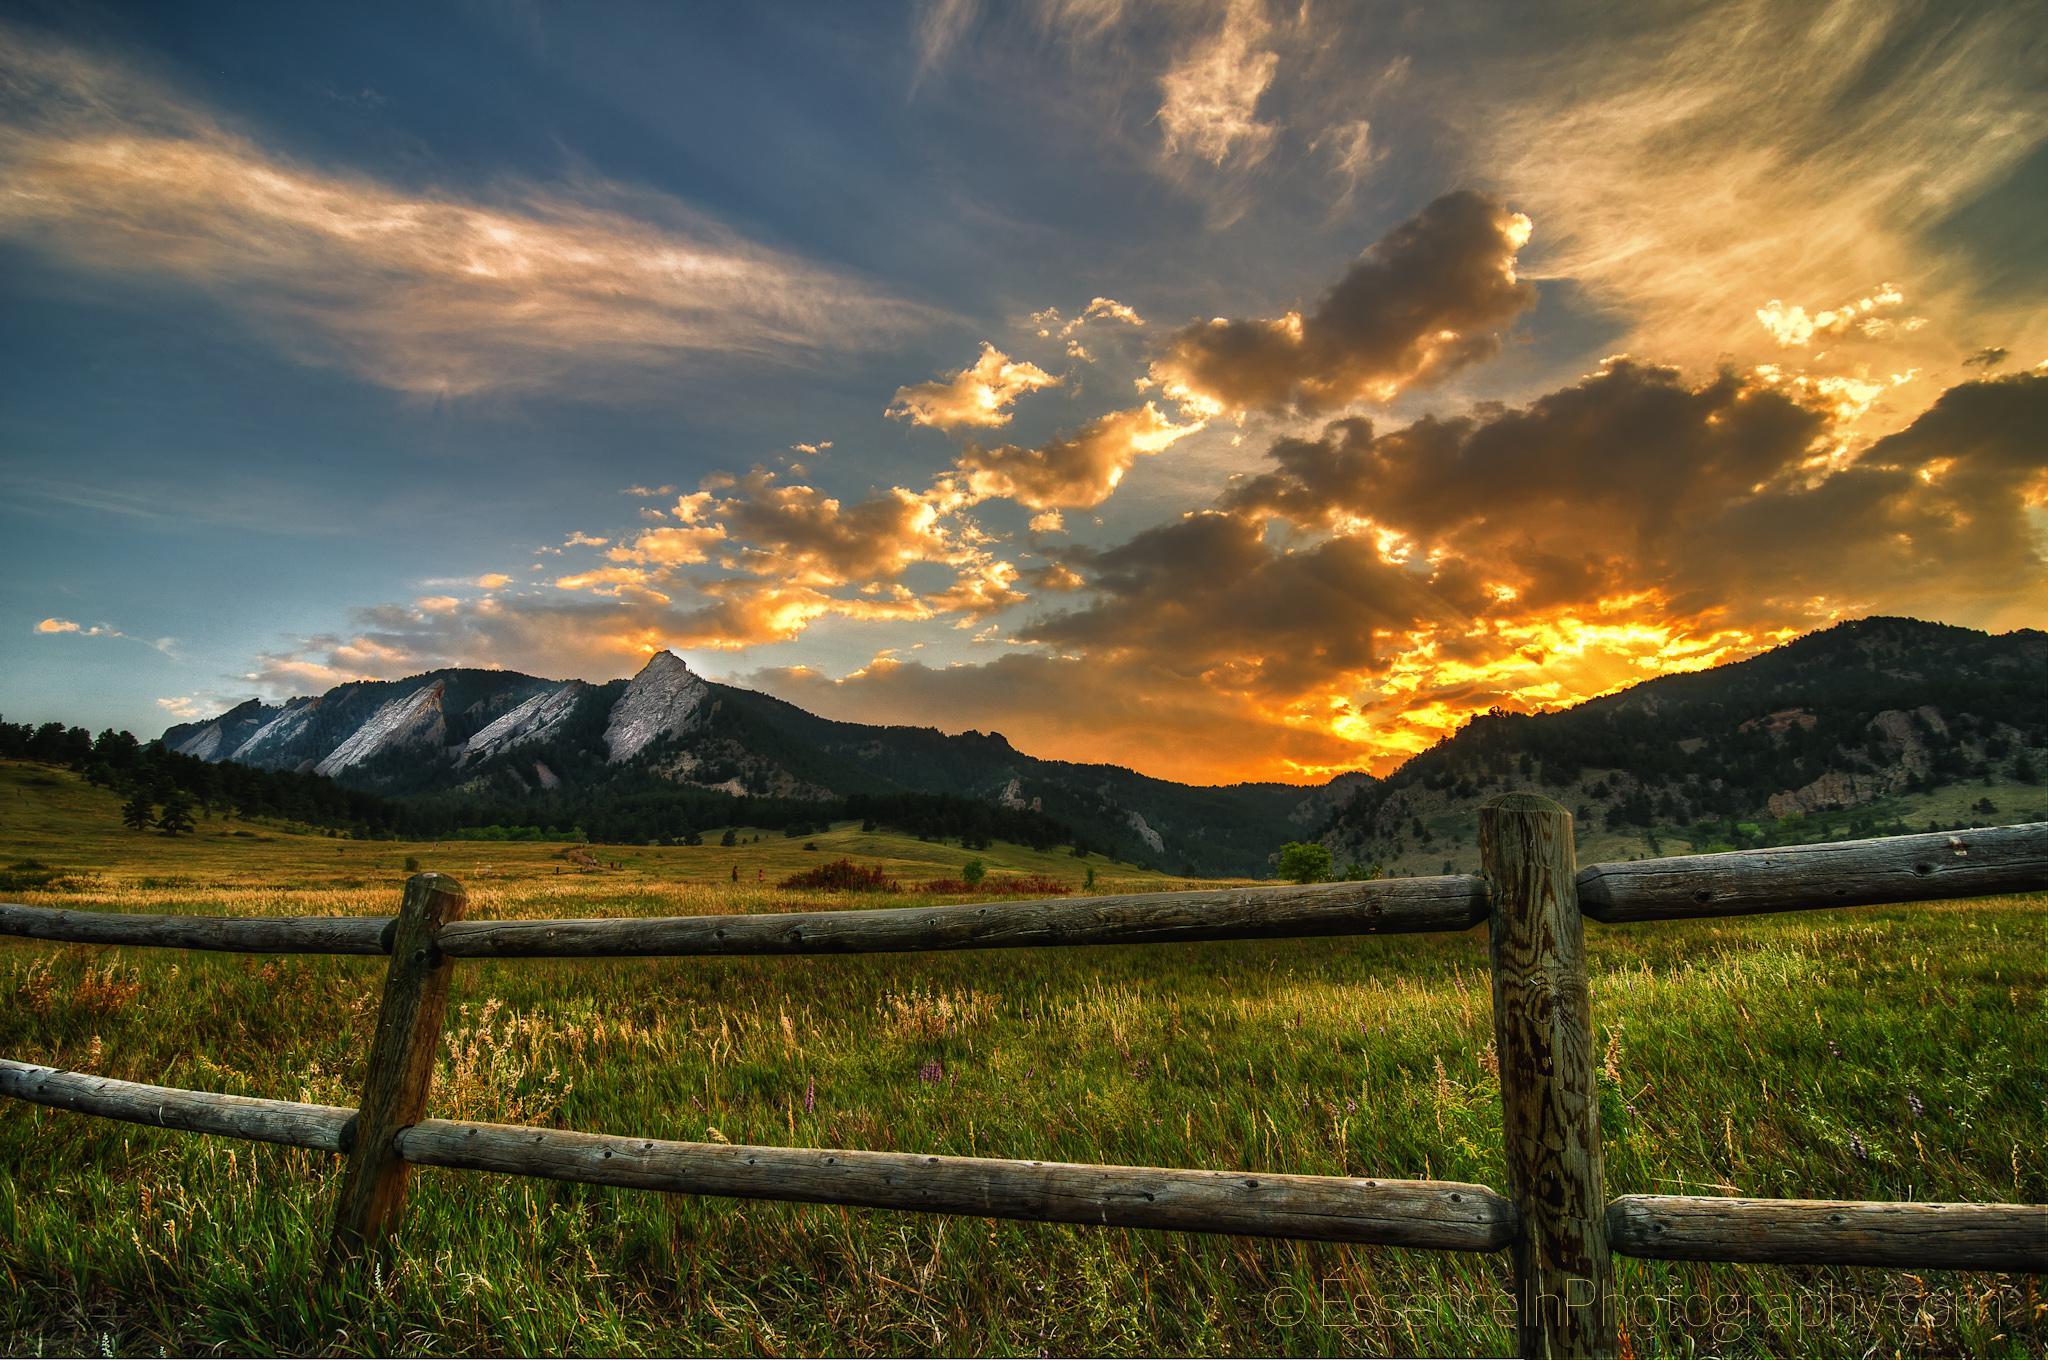 Colorado scenic wallpaper wallpapersafari - Colorado desktop background ...